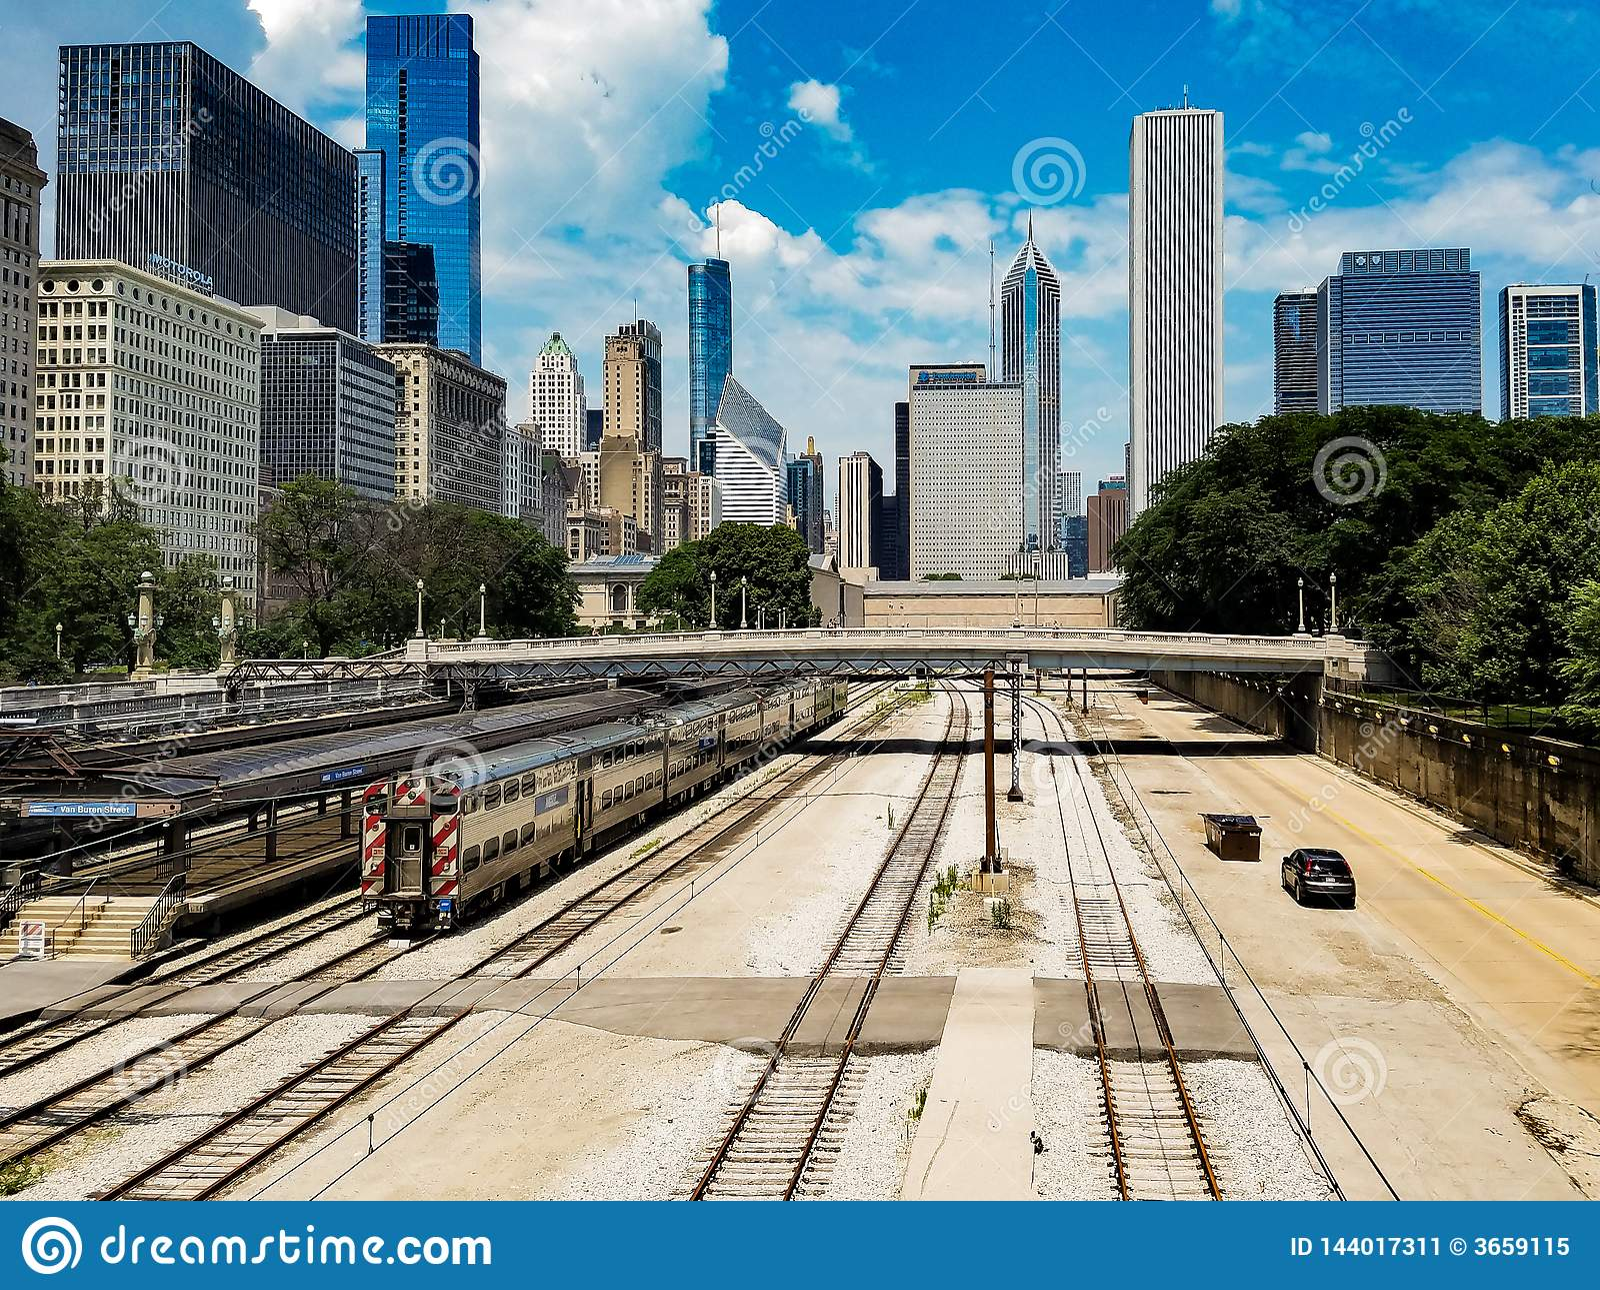 Chicago Illinois, USA 07 05 2018 Chicago landskap med drevet på en järnväg och bilar på en väg framme